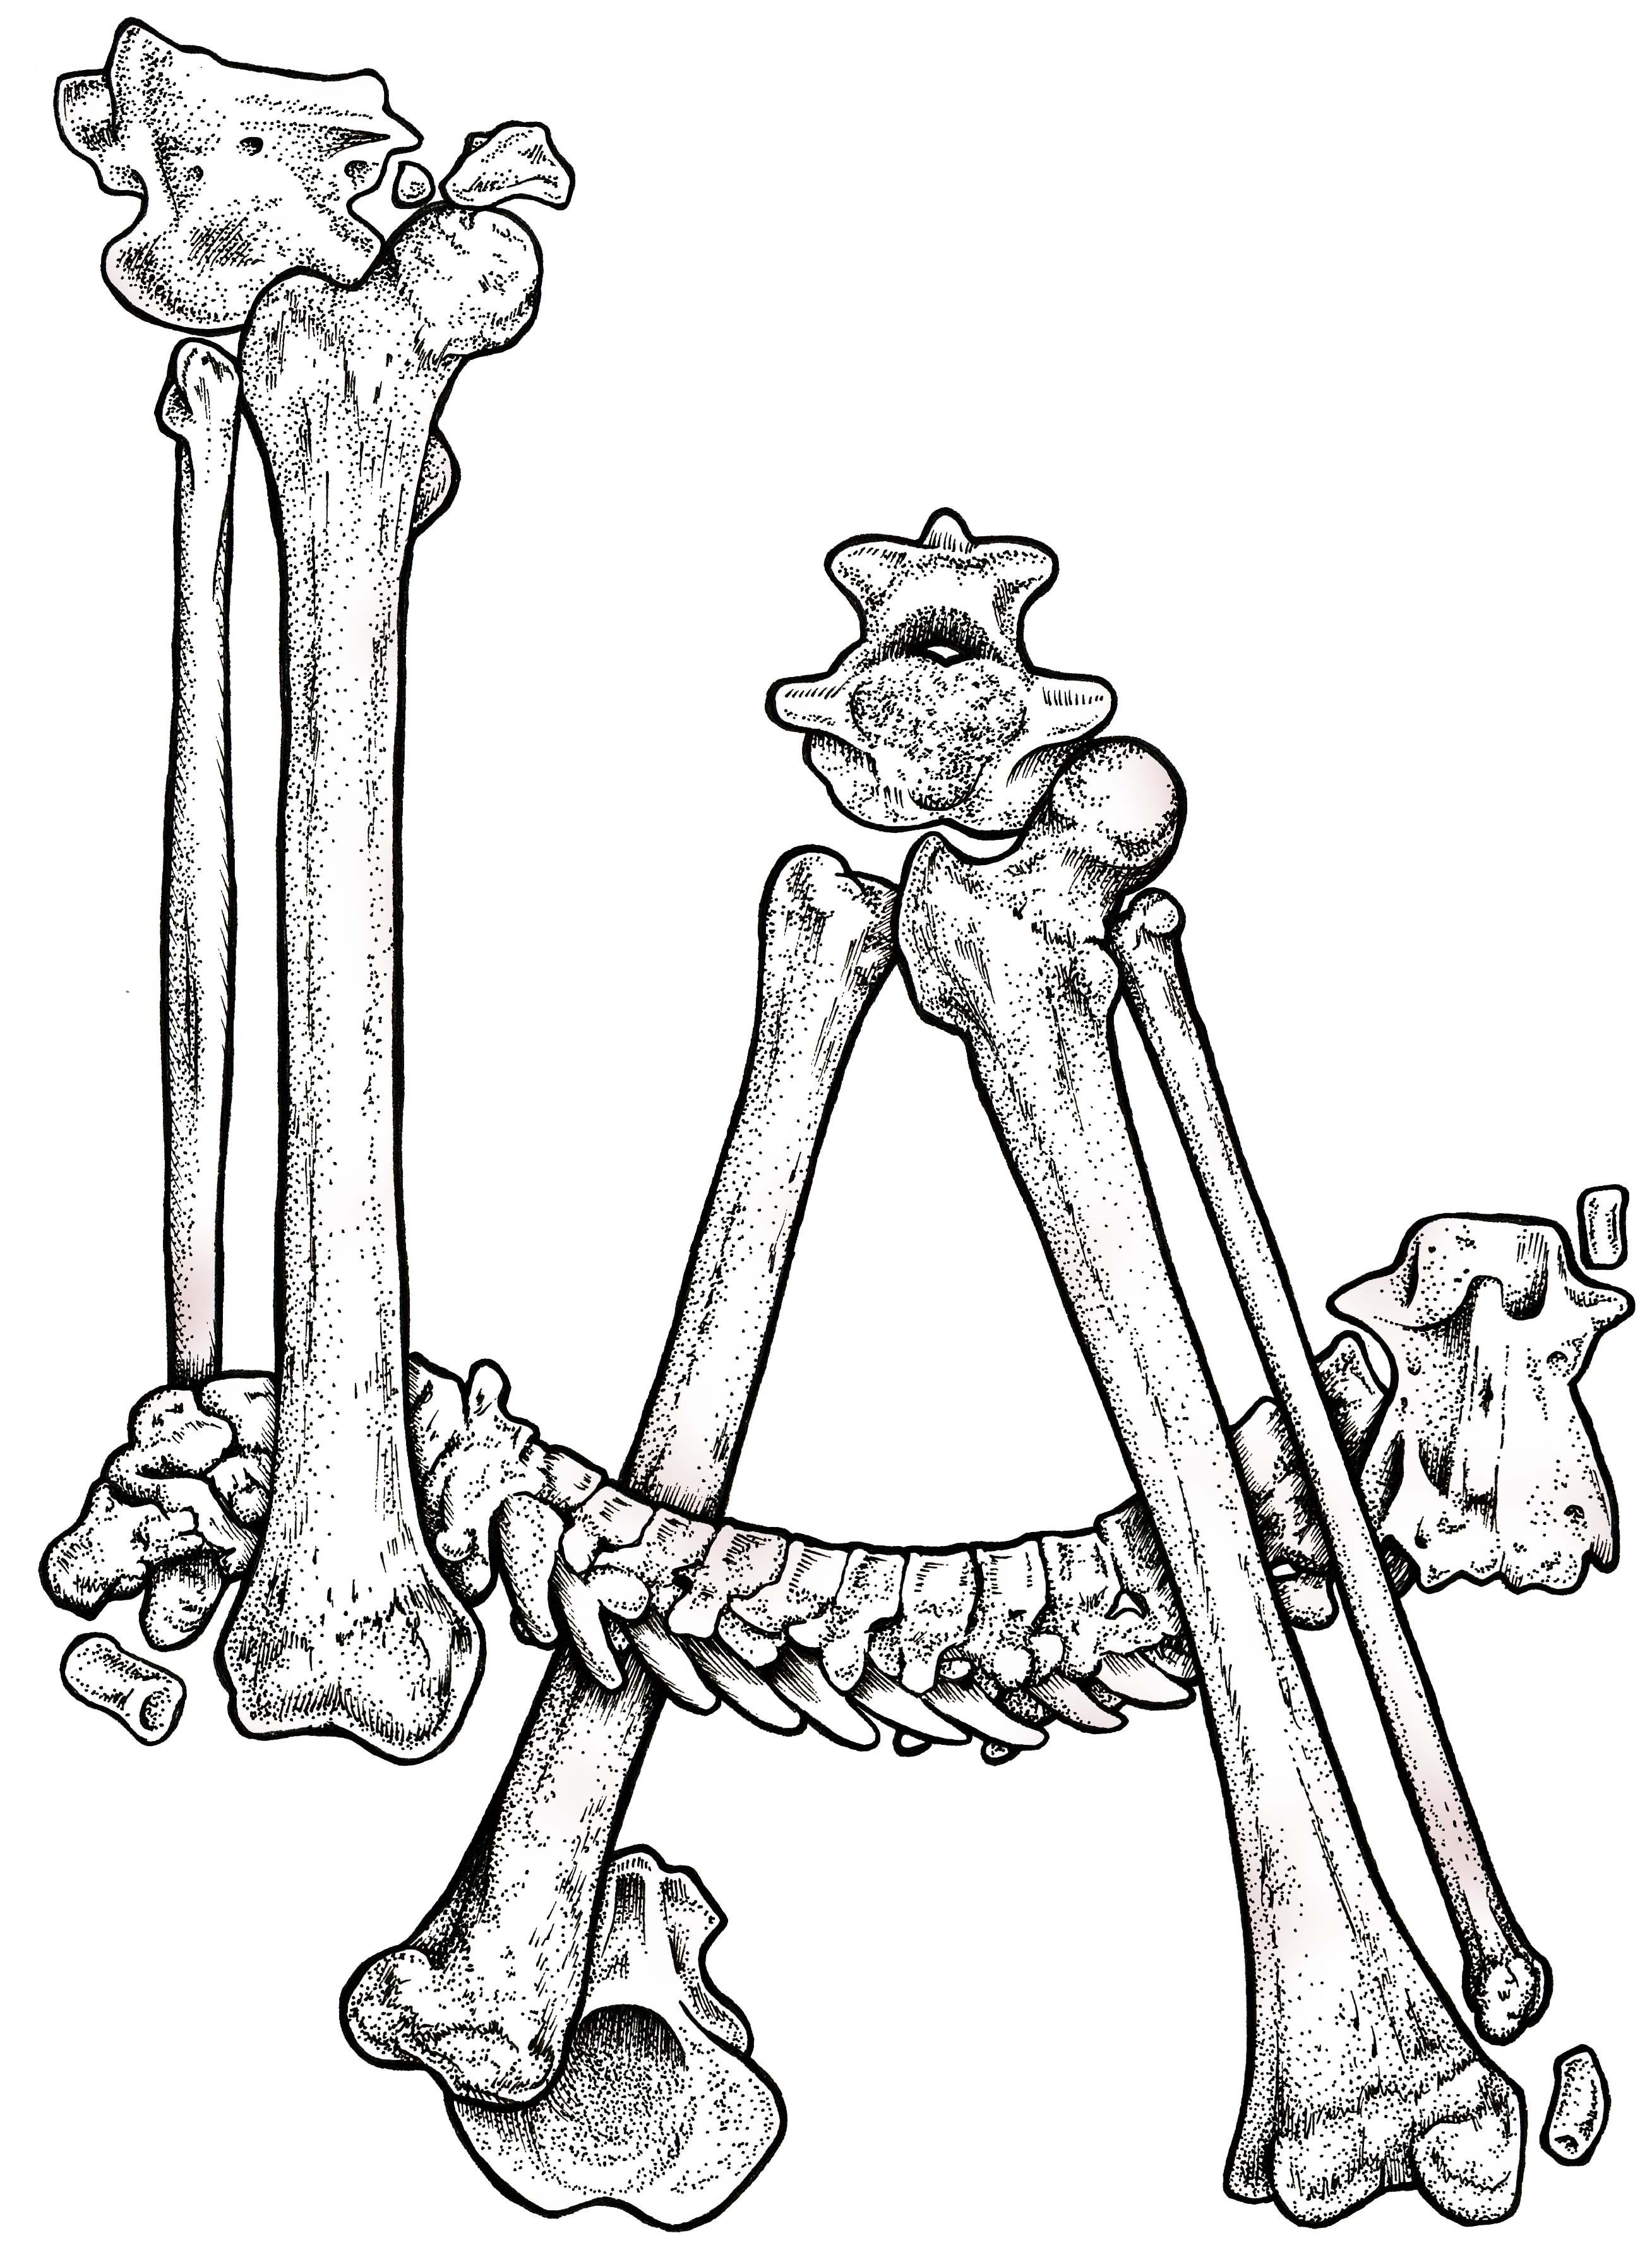 LA Bones